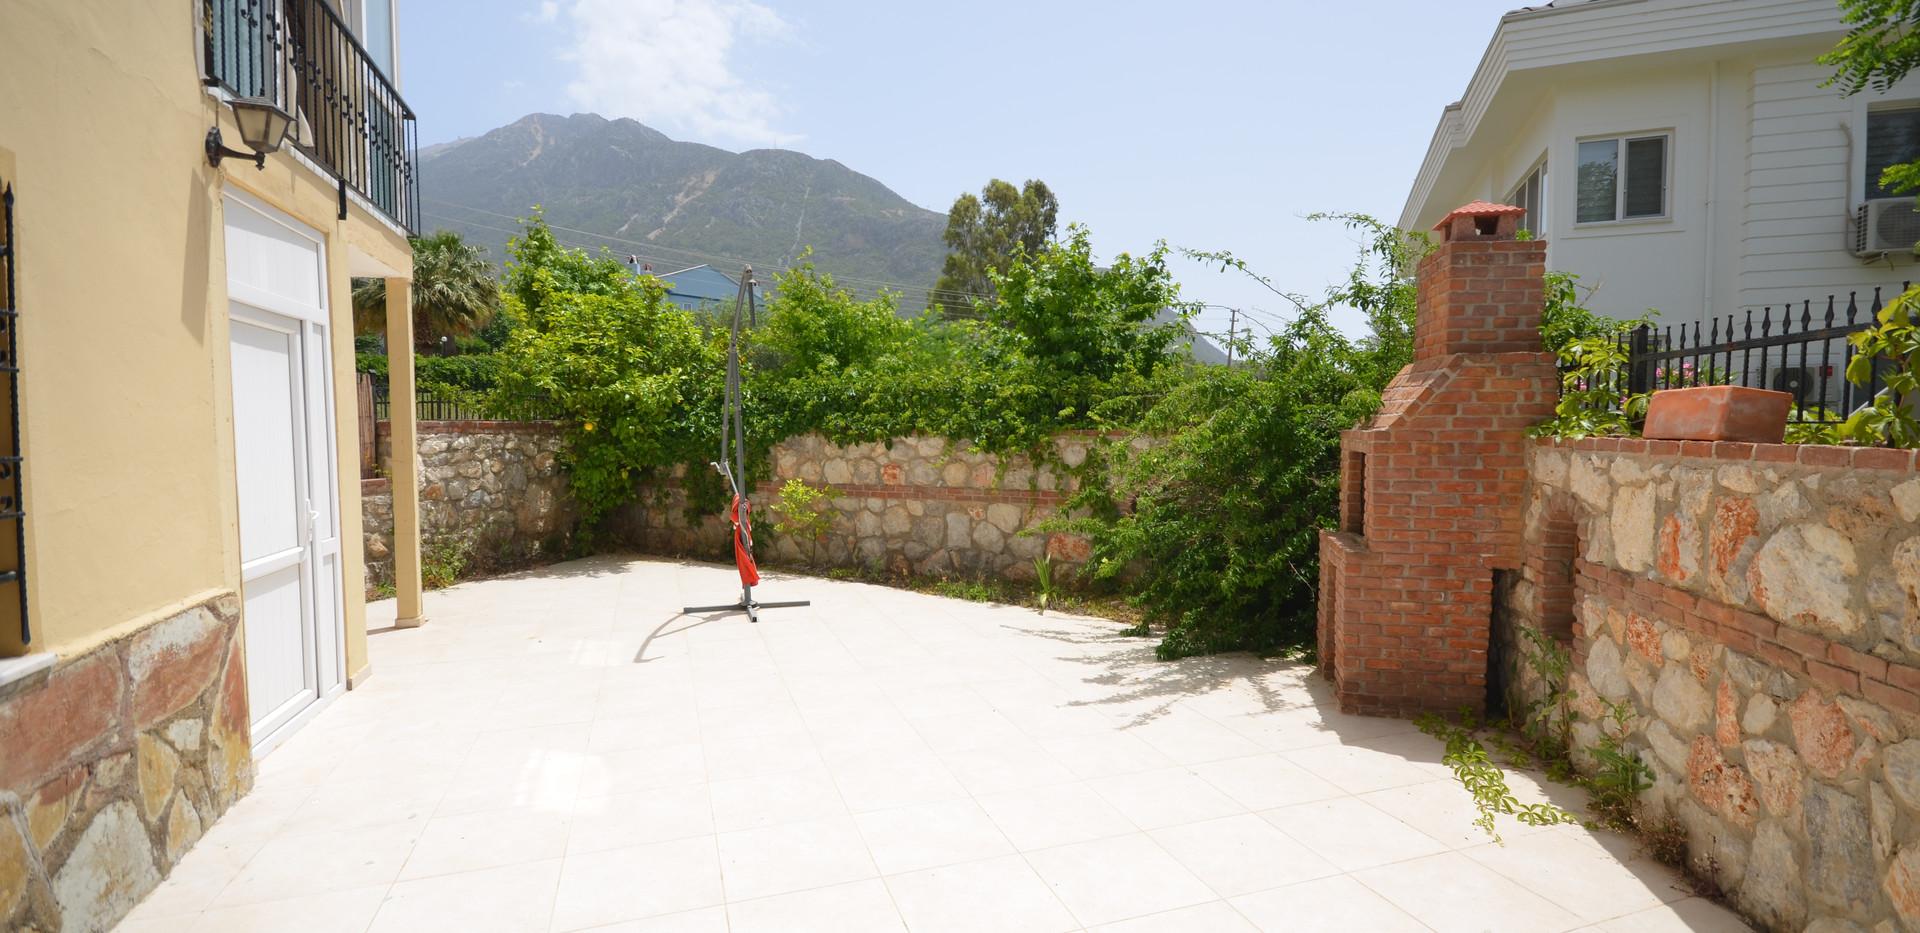 Enclosed Garden Patio